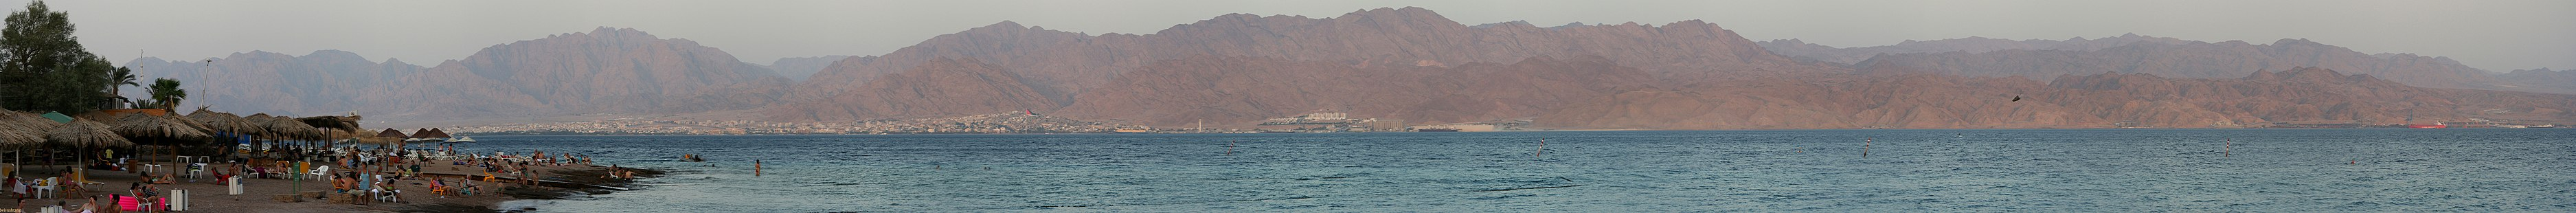 Панорамный вид на залив Акаба с пляжа южнее Эйлата (Израиль); на заднем плане видна Акаба (Иордания)